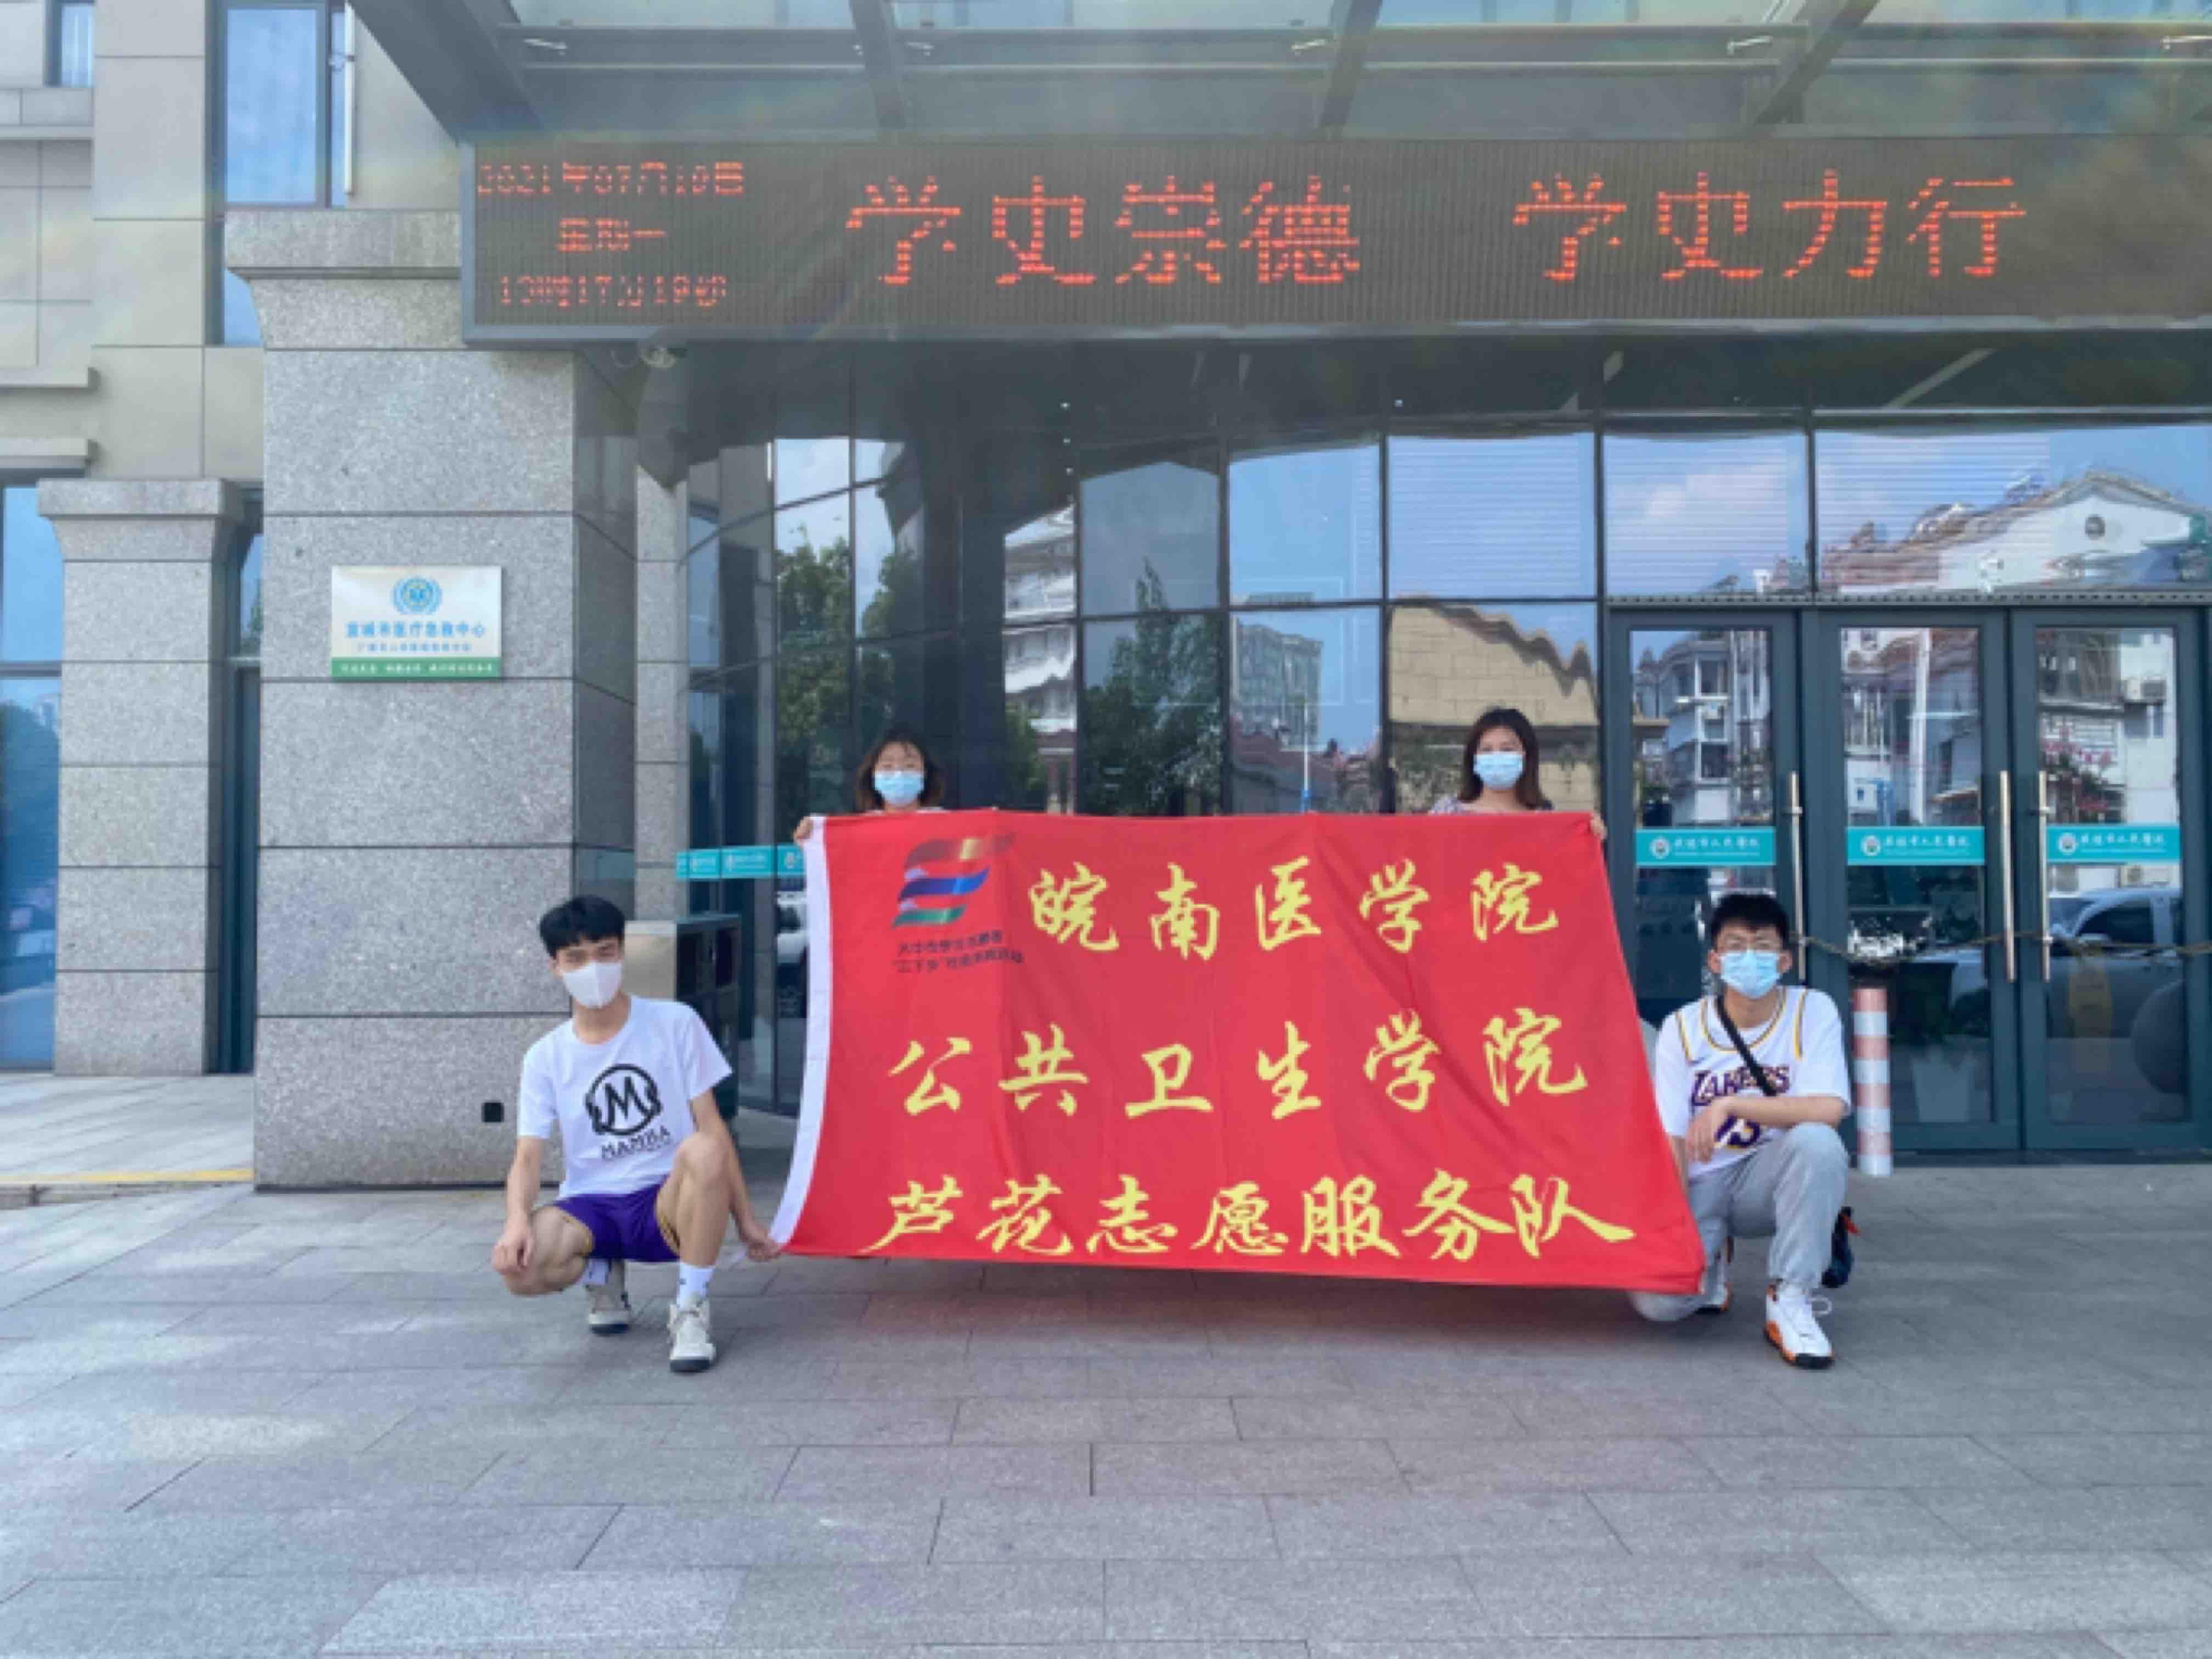 """皖南医学院公共卫生学院""""芦花""""志愿服务队宣城分队 开展暑期""""三下乡""""社会实践活动"""